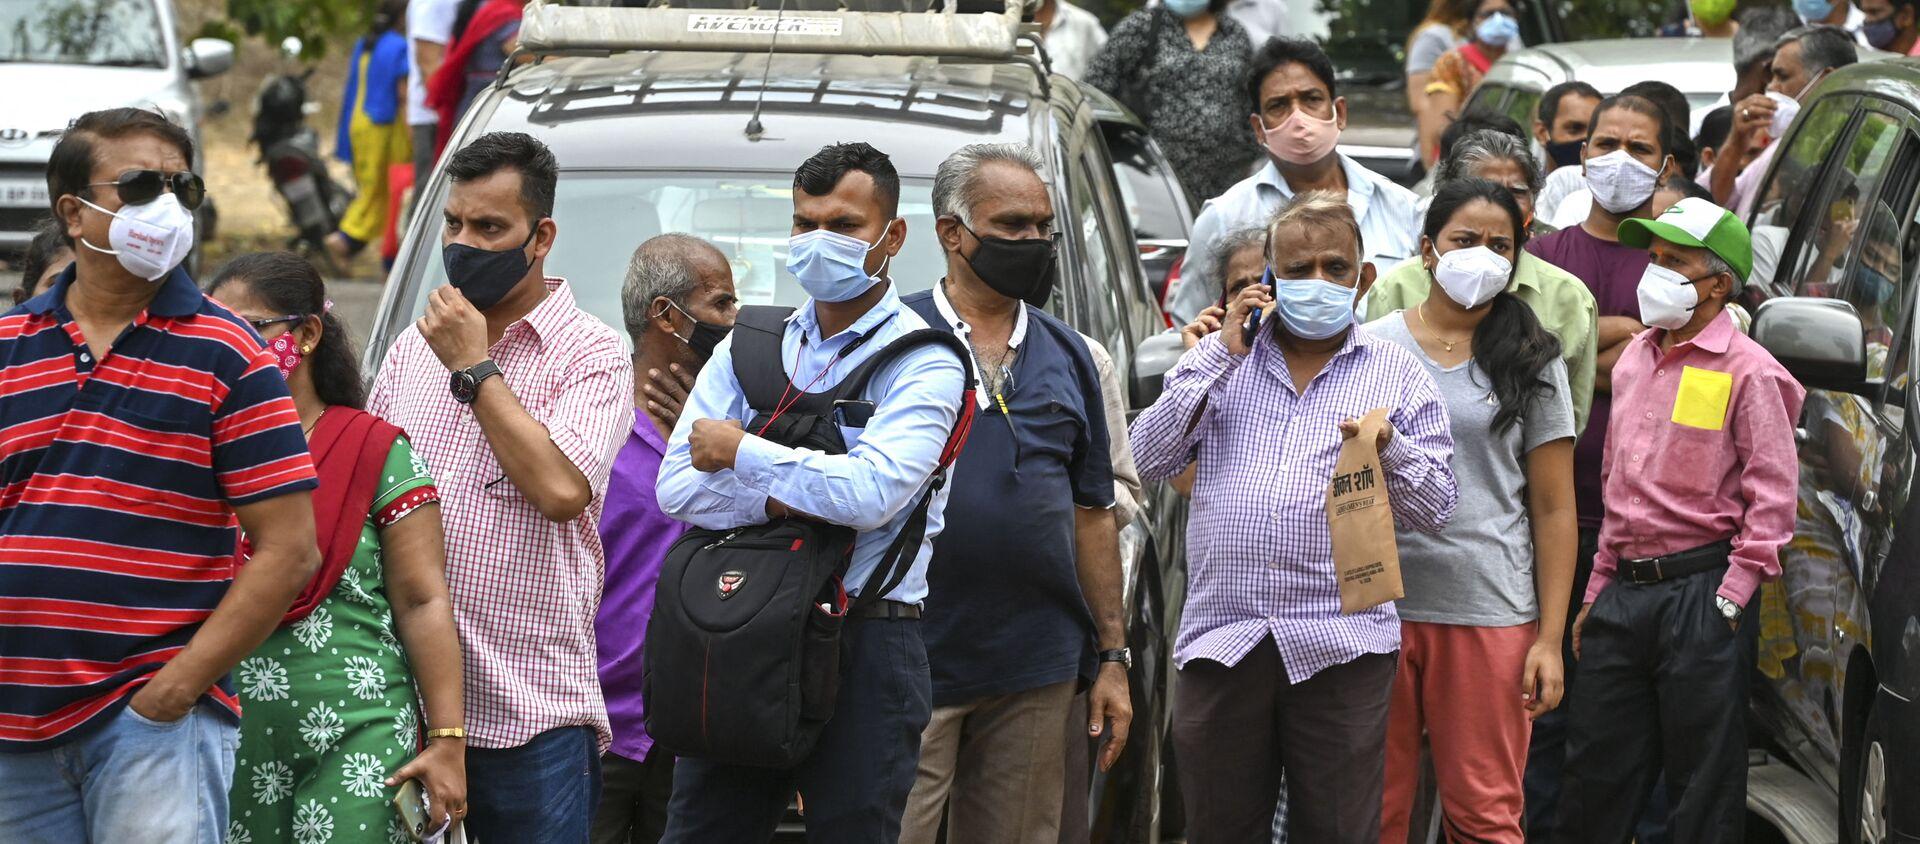 Mọi người xếp hàng tiêm vắc-xin Covid tại trung tâm tiêm chủng ở Mumbai, Ấn Độ. - Sputnik Việt Nam, 1920, 30.09.2021